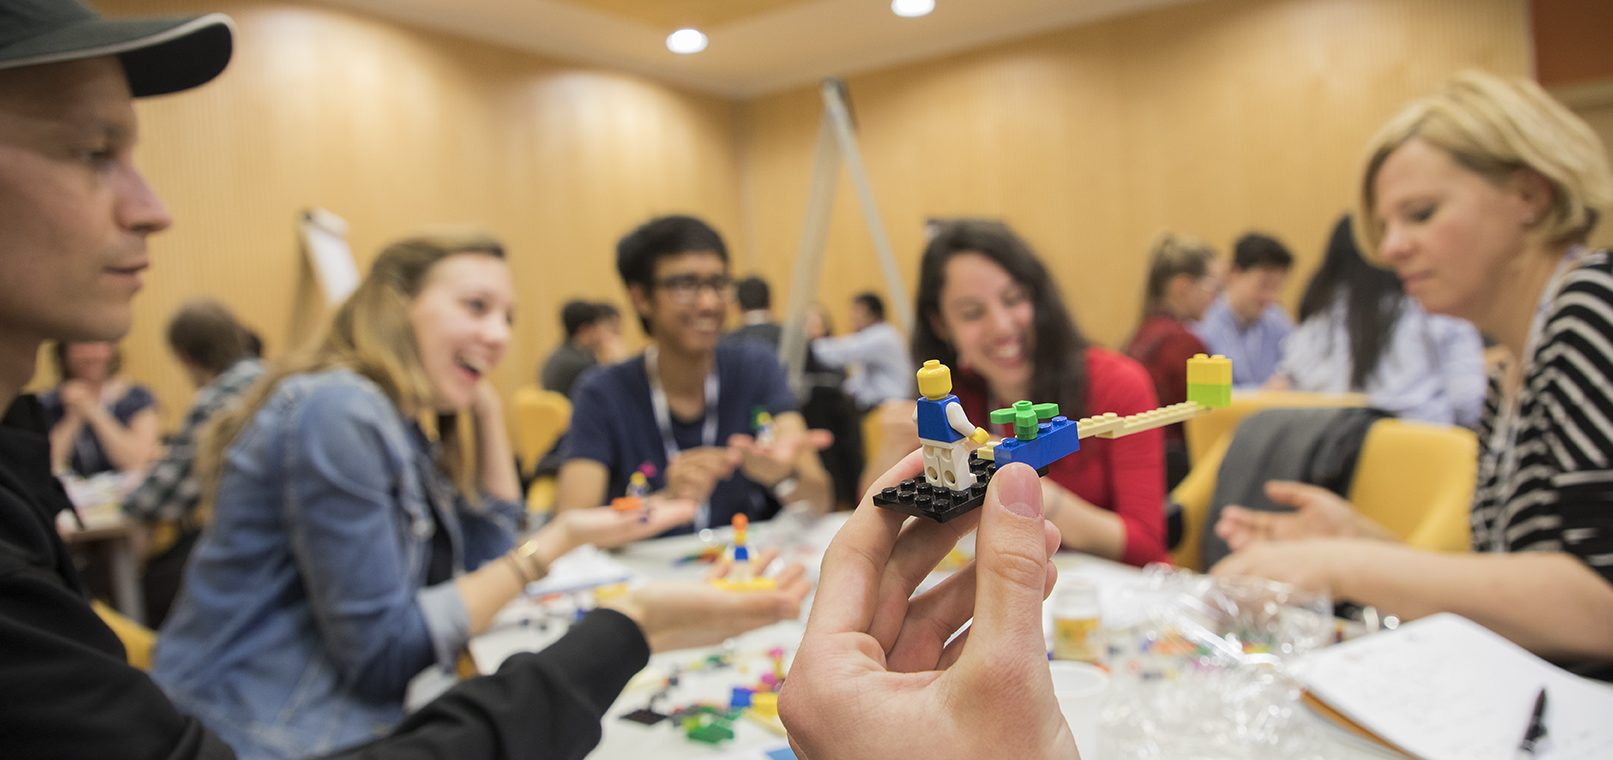 #EUvsVirus: il primo Hackathon paneuropeo per affrontare la crisi correlata al COVID-19